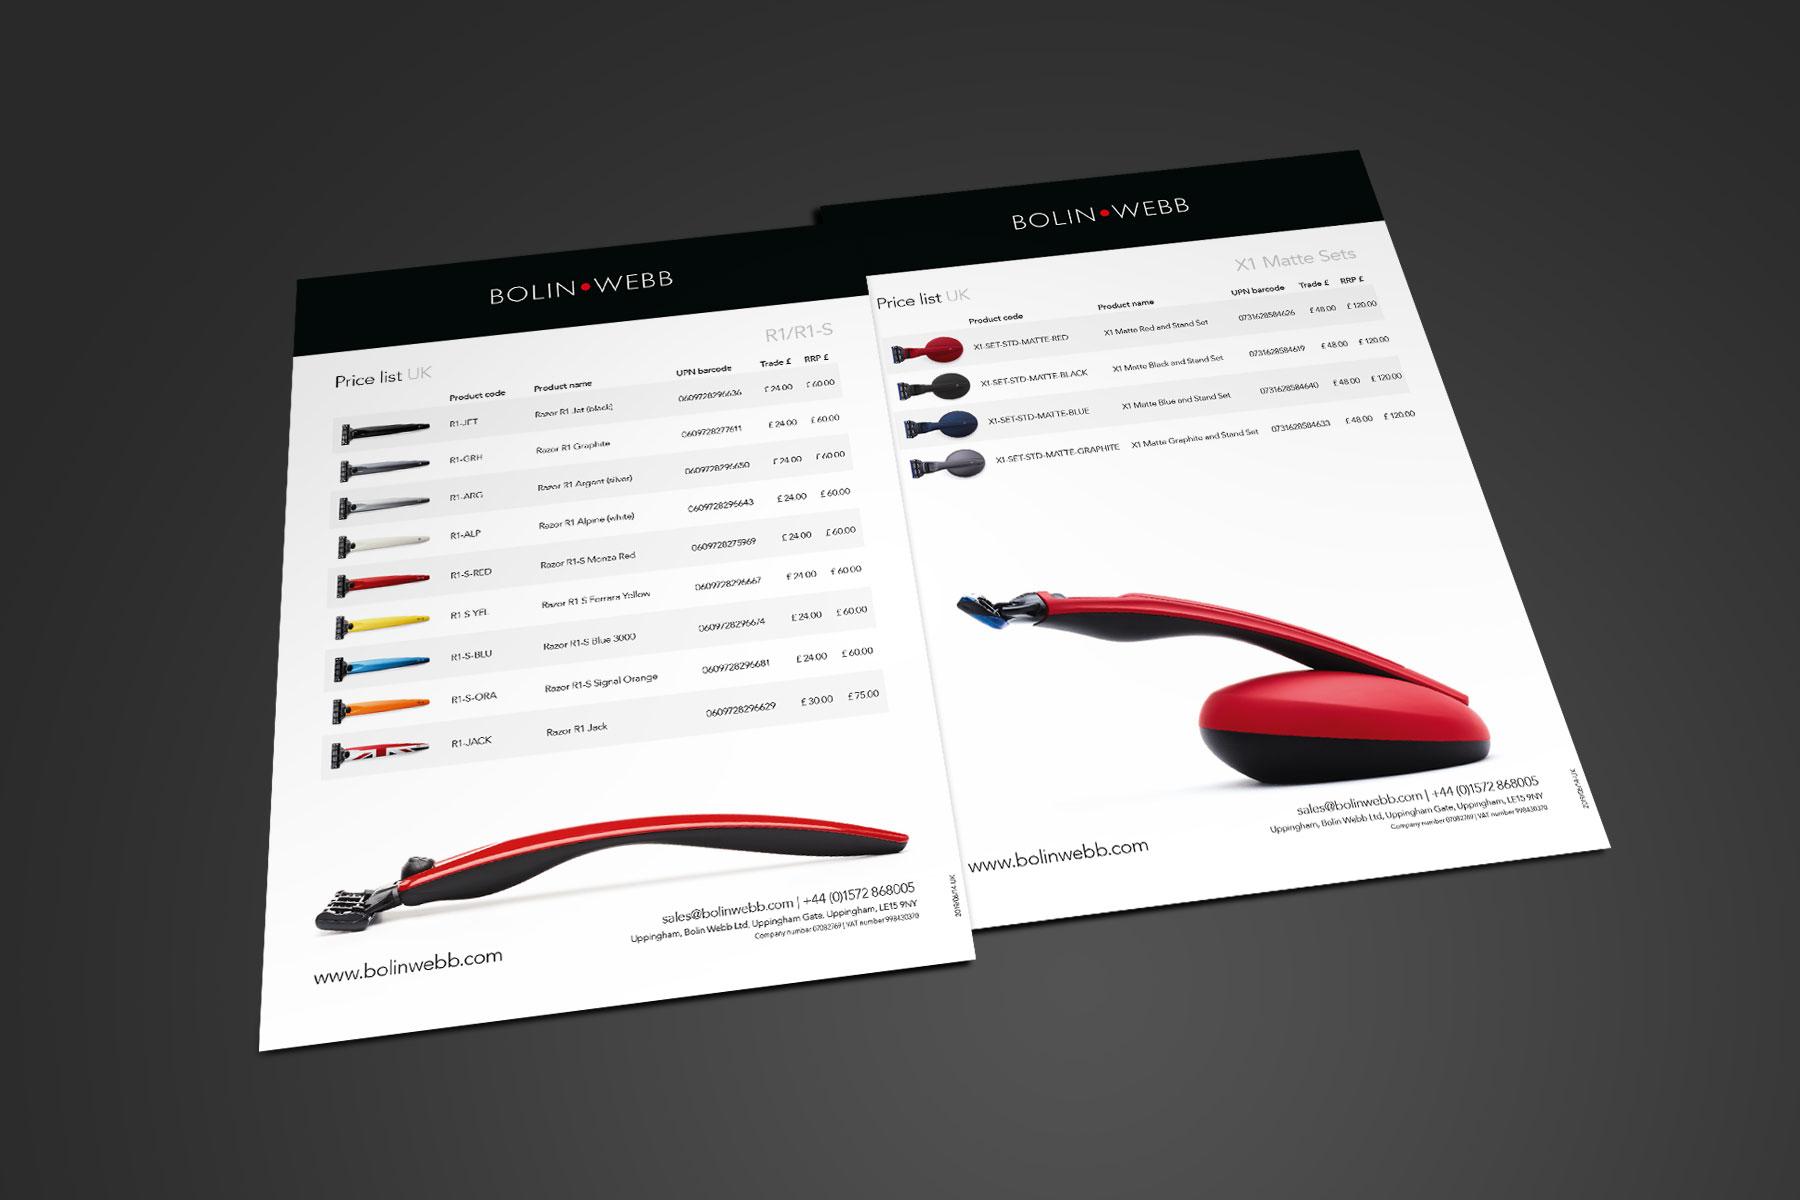 Price list design for Bolin Webb branding